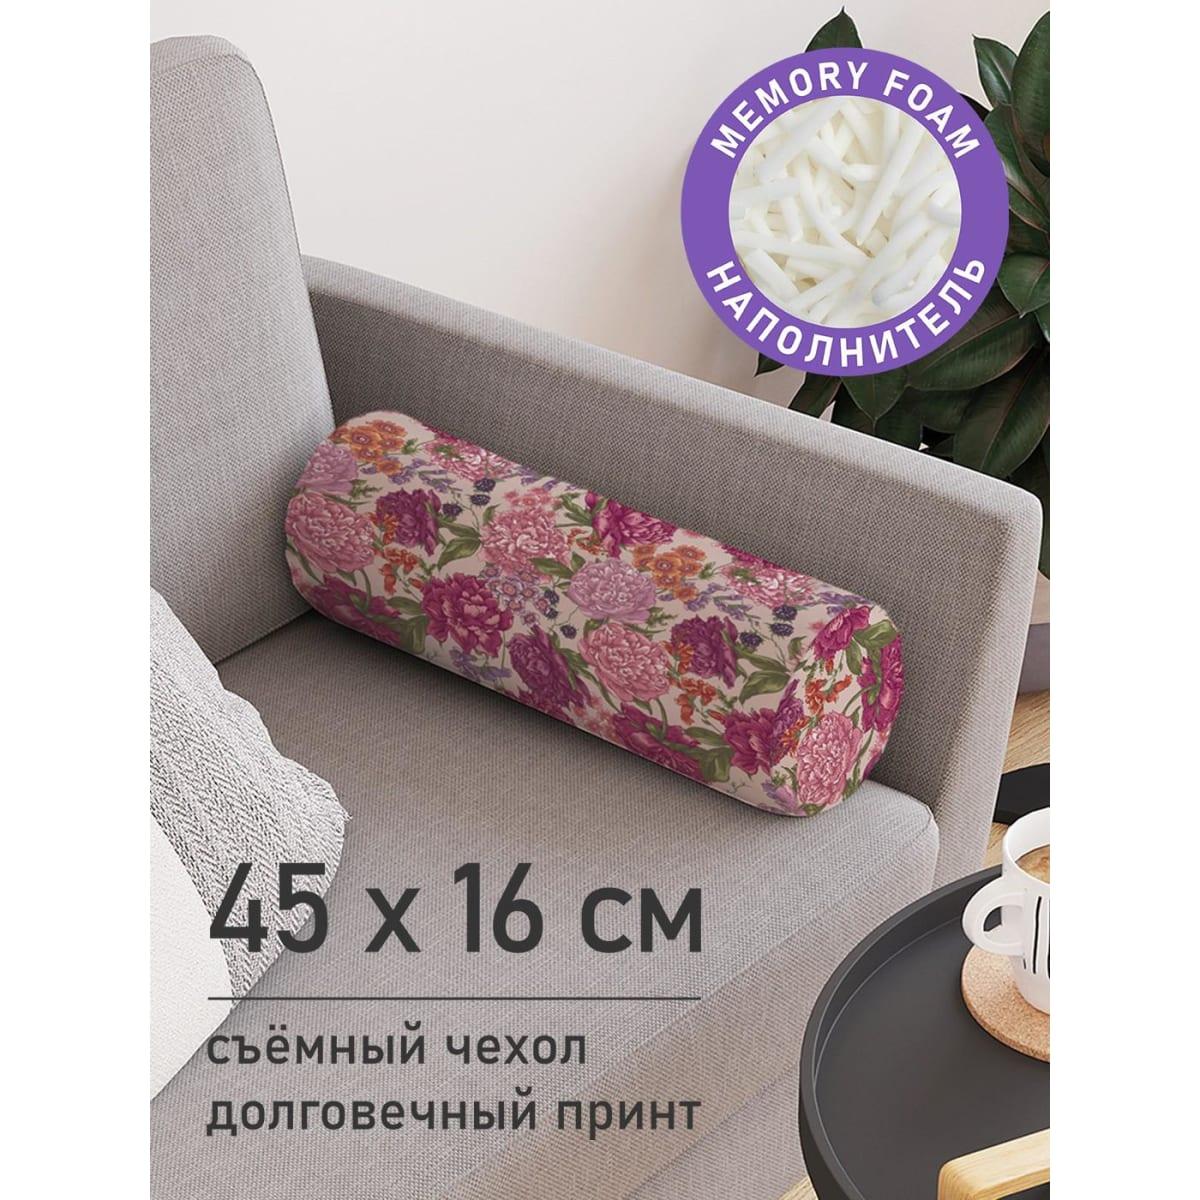 Декоративная подушка JoyArty Множество роз pcu_35874, 16х45 см